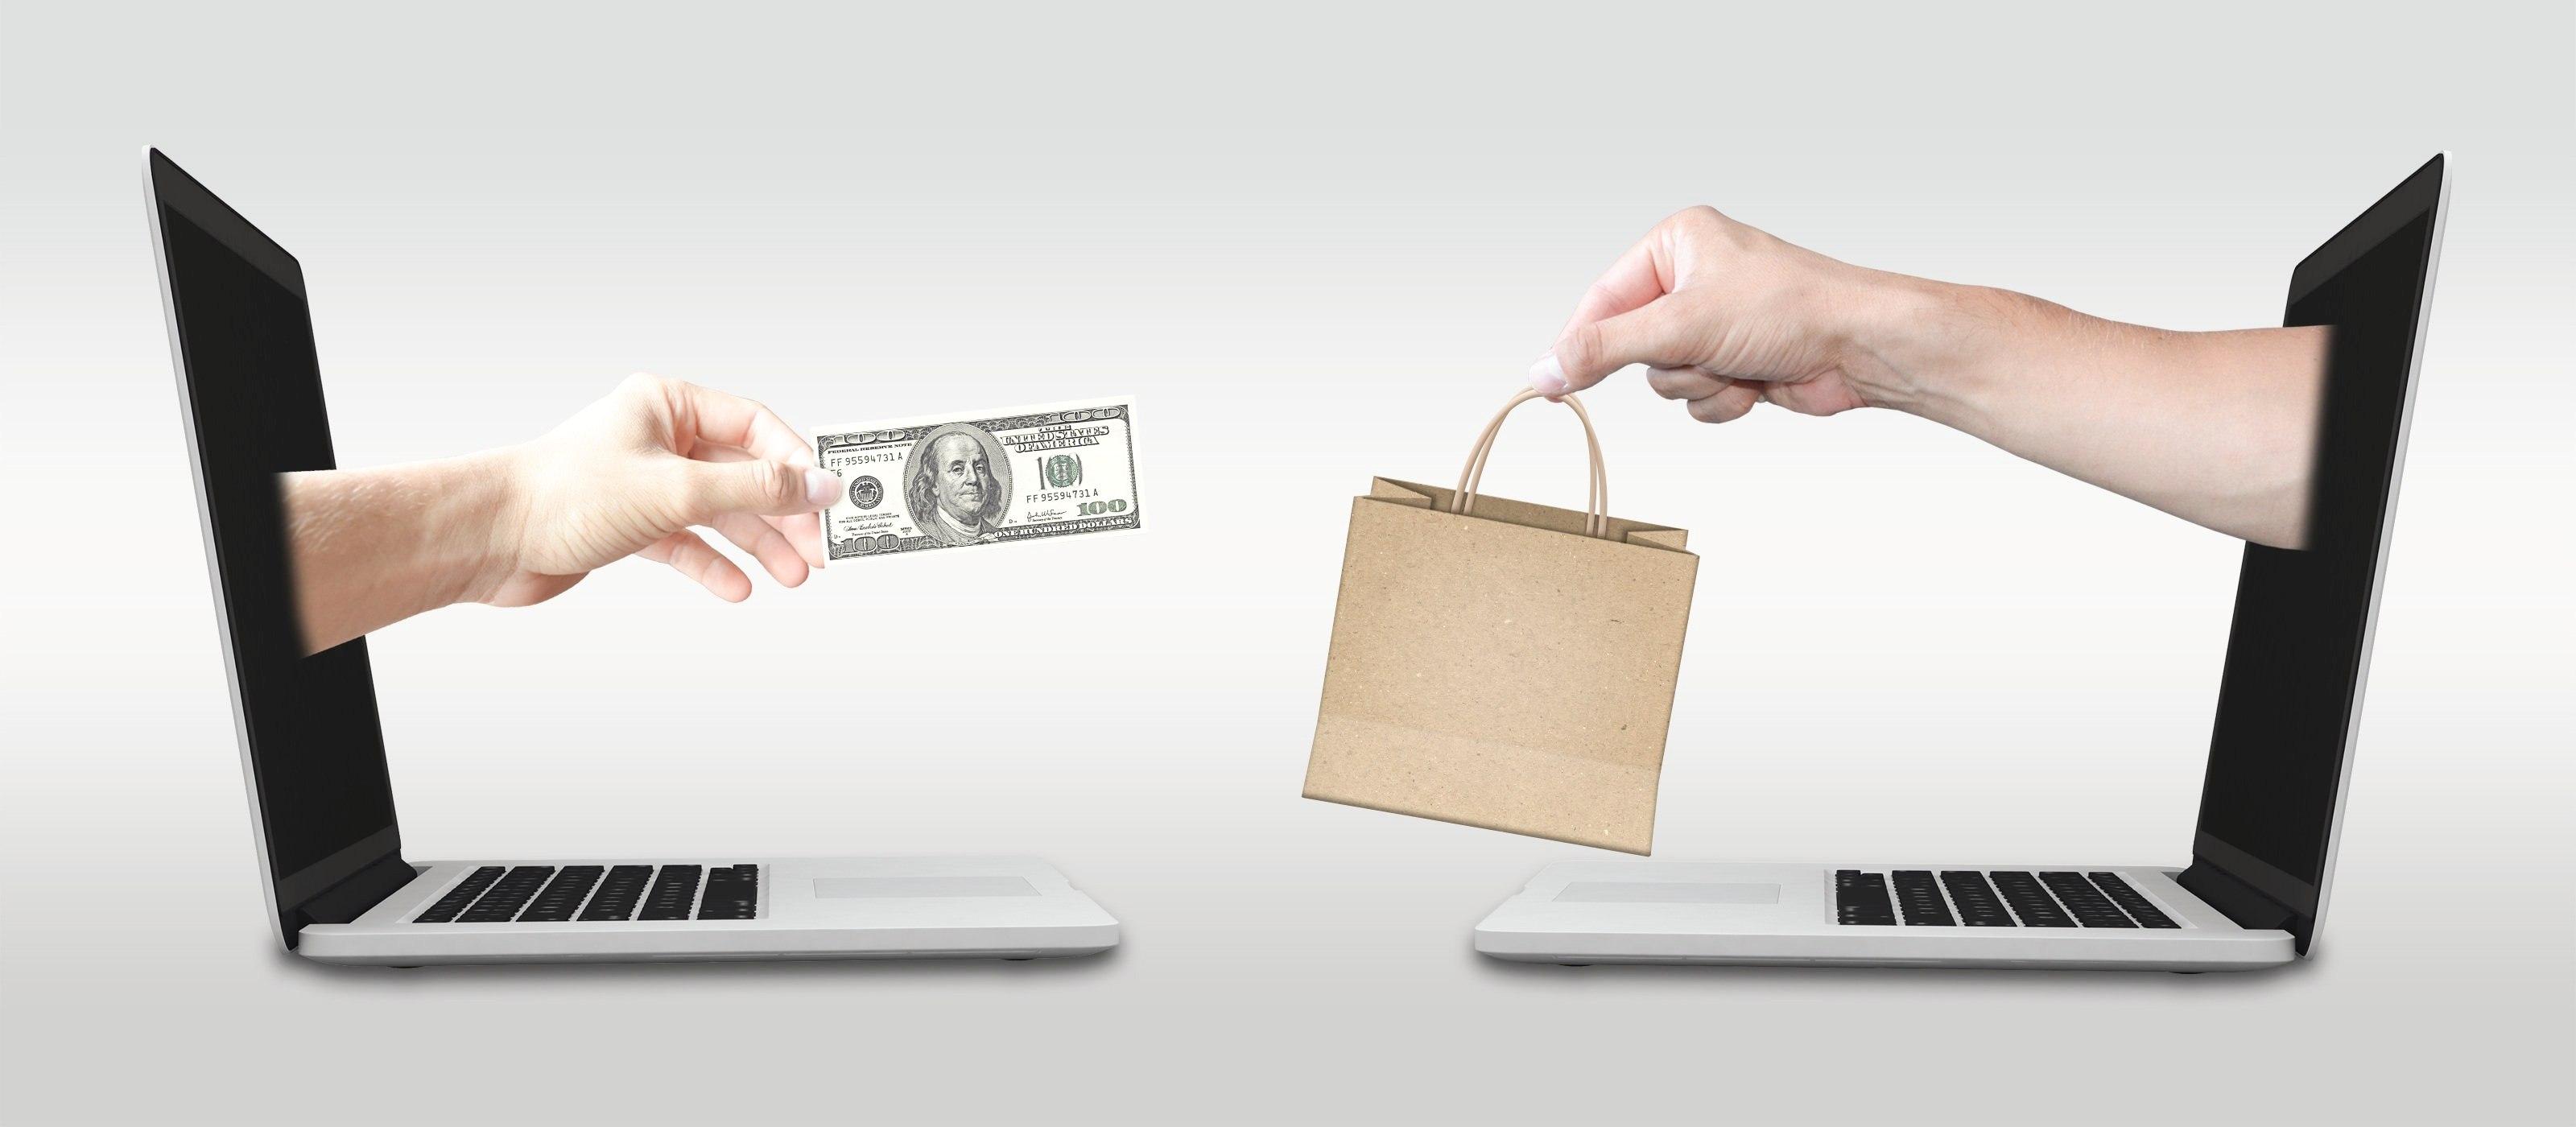 laptopy-i-dolar.jpg